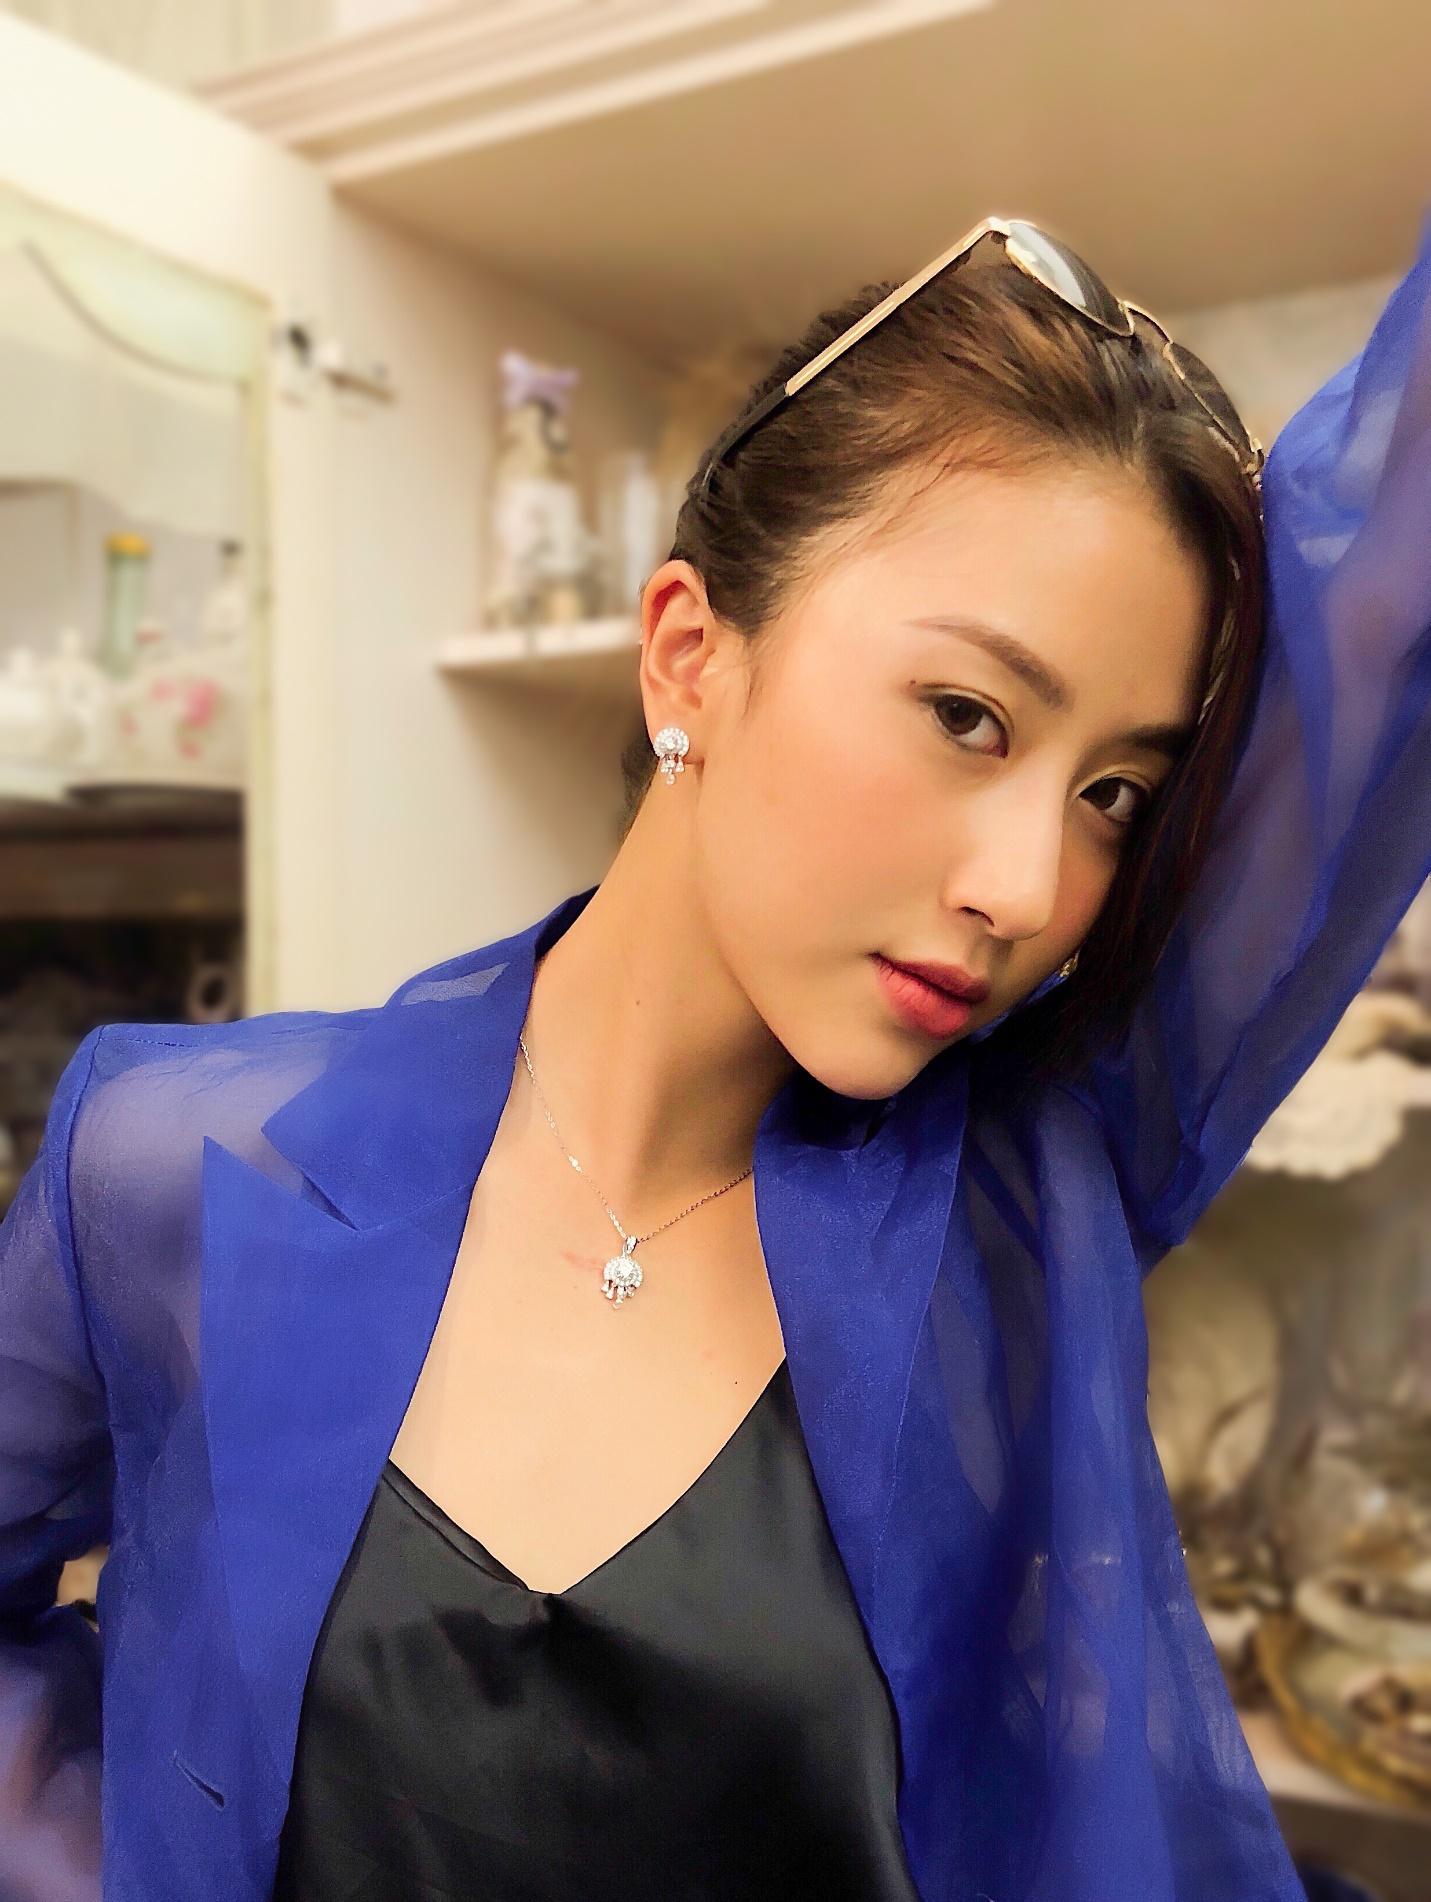 Phương Ly, Quỳnh Anh Shyn và loạt fashionista Việt khoe cá tính với trang sức bạc cực chất - Ảnh 8.